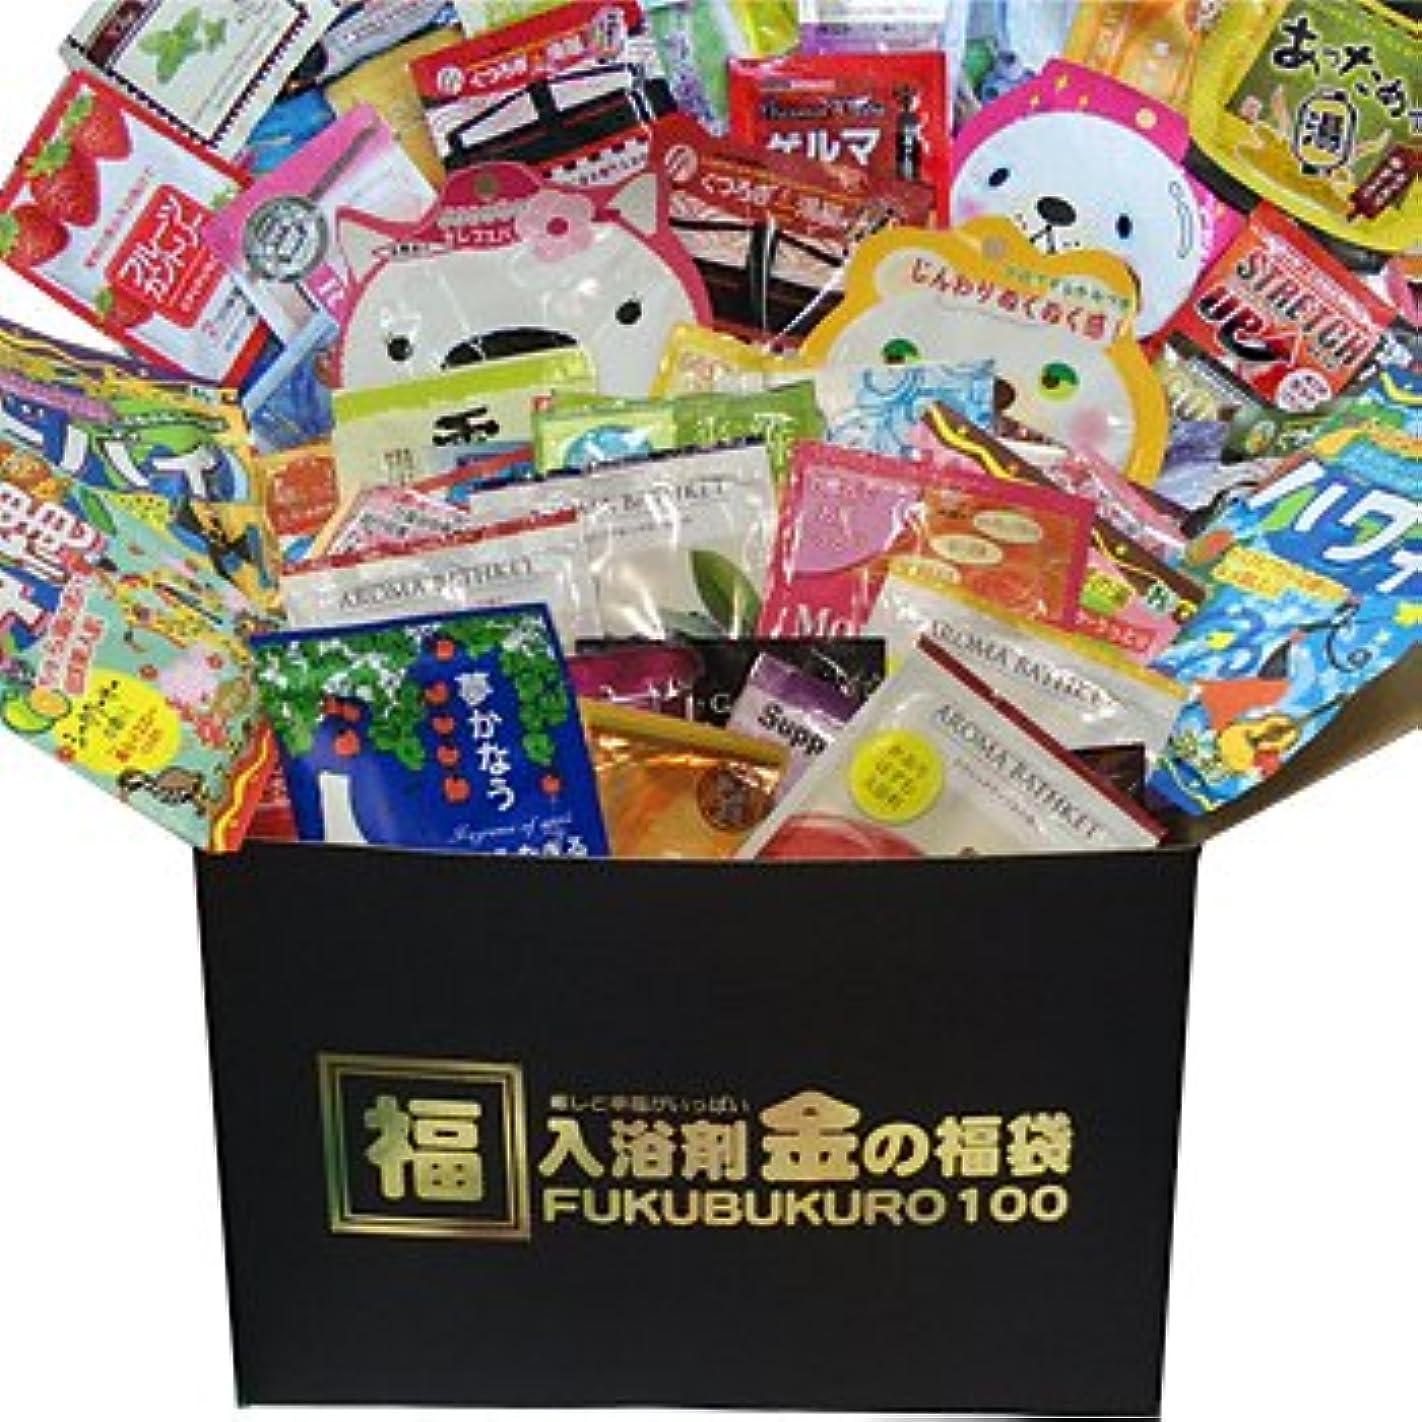 ディスコアラスカかどうか金の! 【入浴剤 福袋】100個 安心の日本製!入浴剤福袋/入浴剤 福袋/ギフト